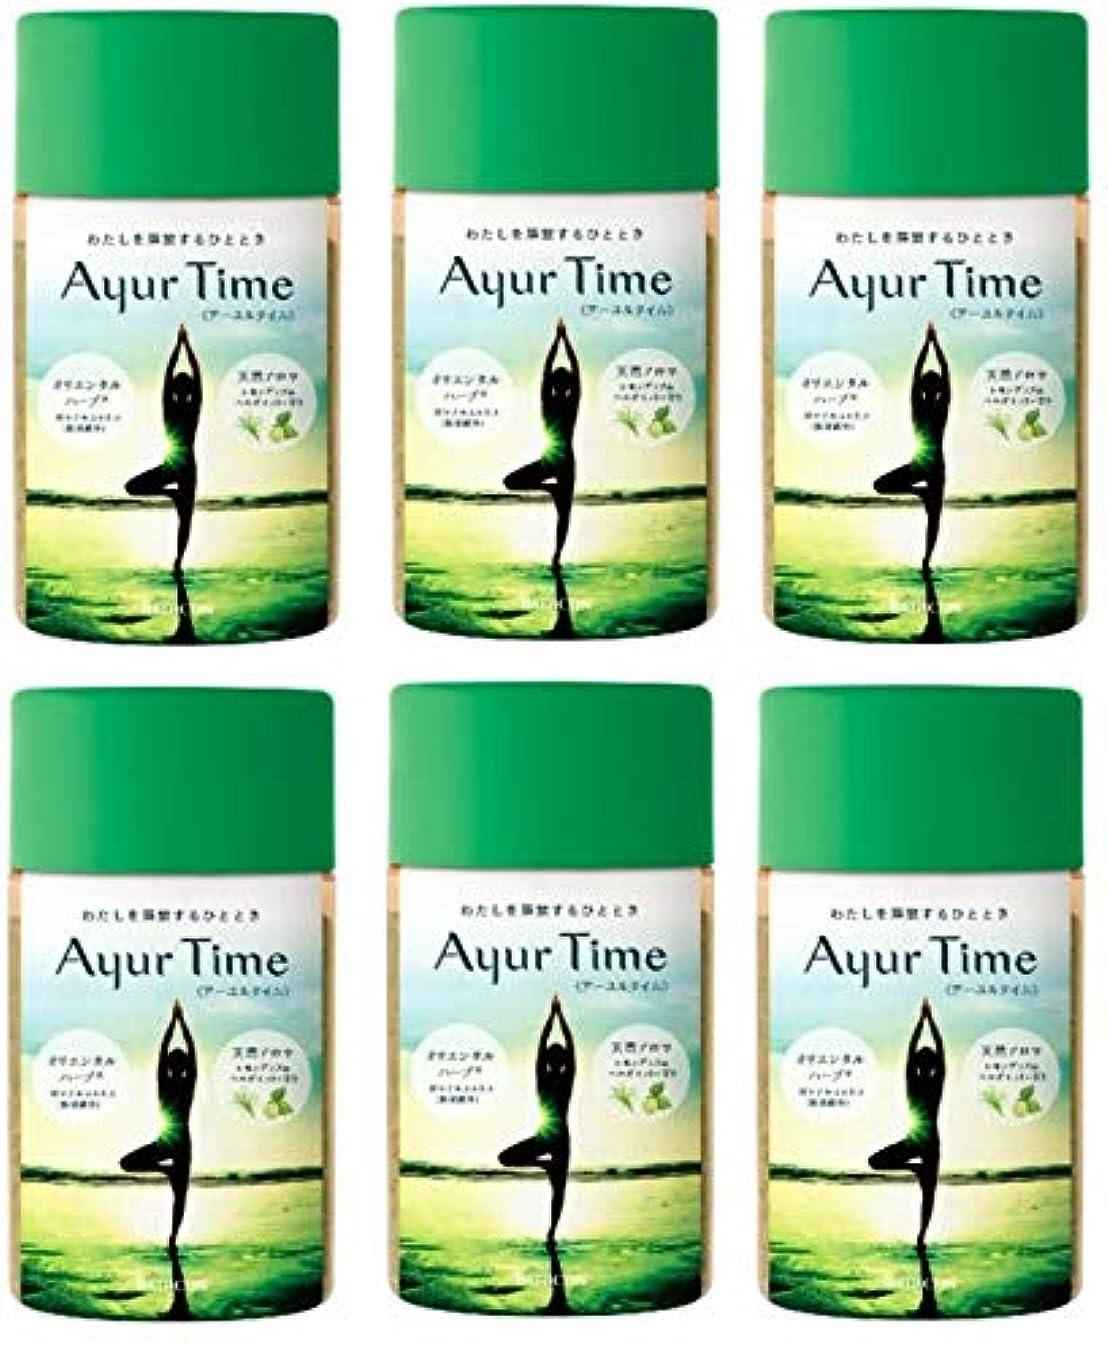 バスクリン アーユルタイム レモングラス & ベルガモット の香り 720g バスソルトX6個セット